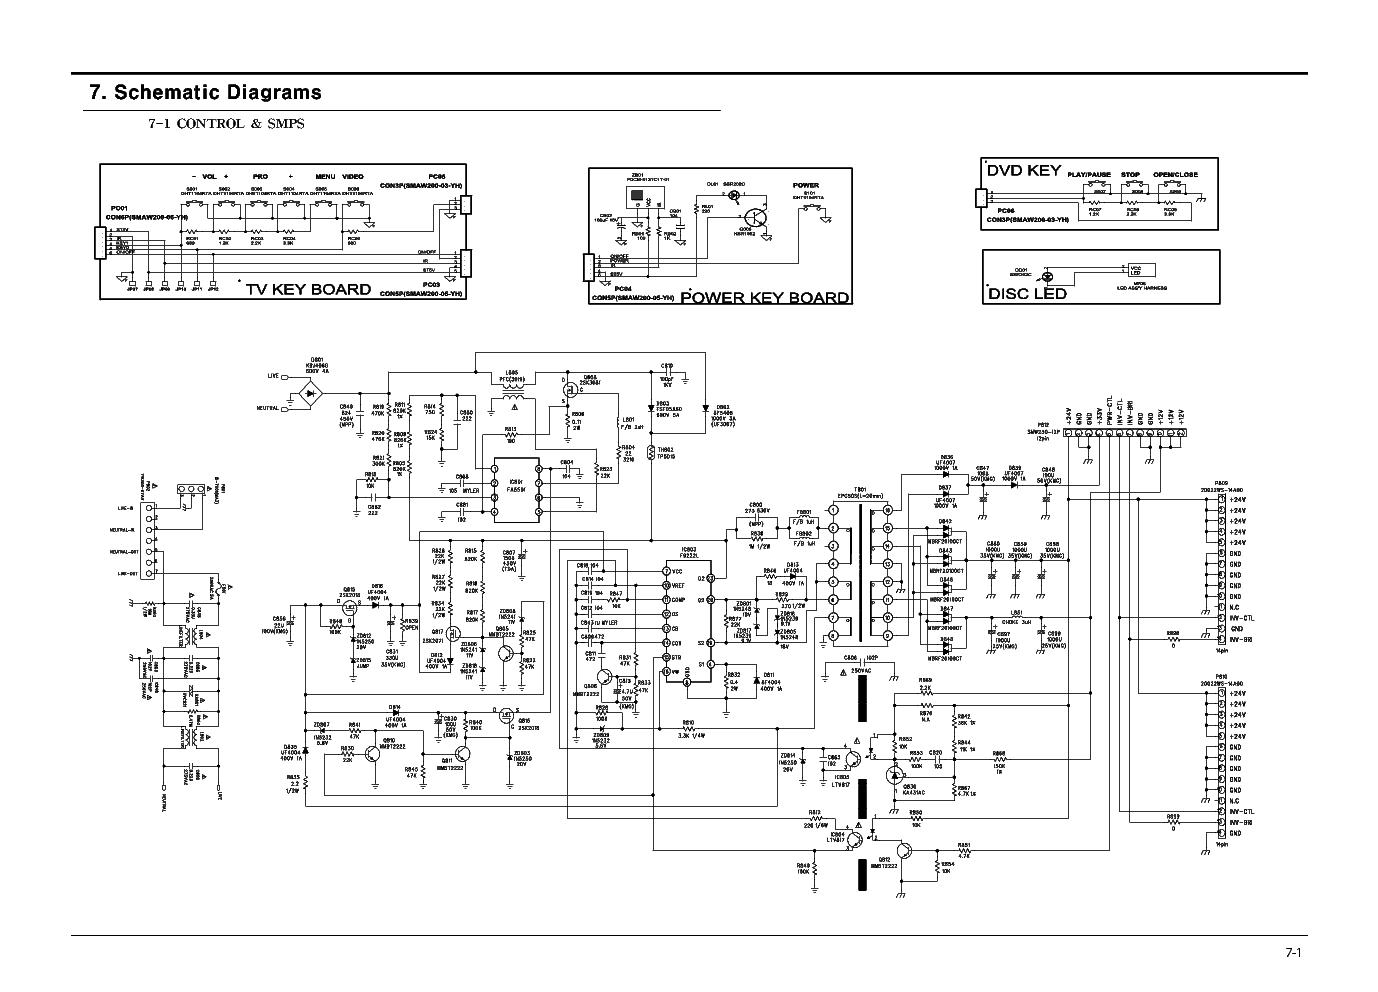 Viewsonic Fsp228 3f01 Power Supply Sch Service Manual Download  Schematics  Eeprom  Repair Info